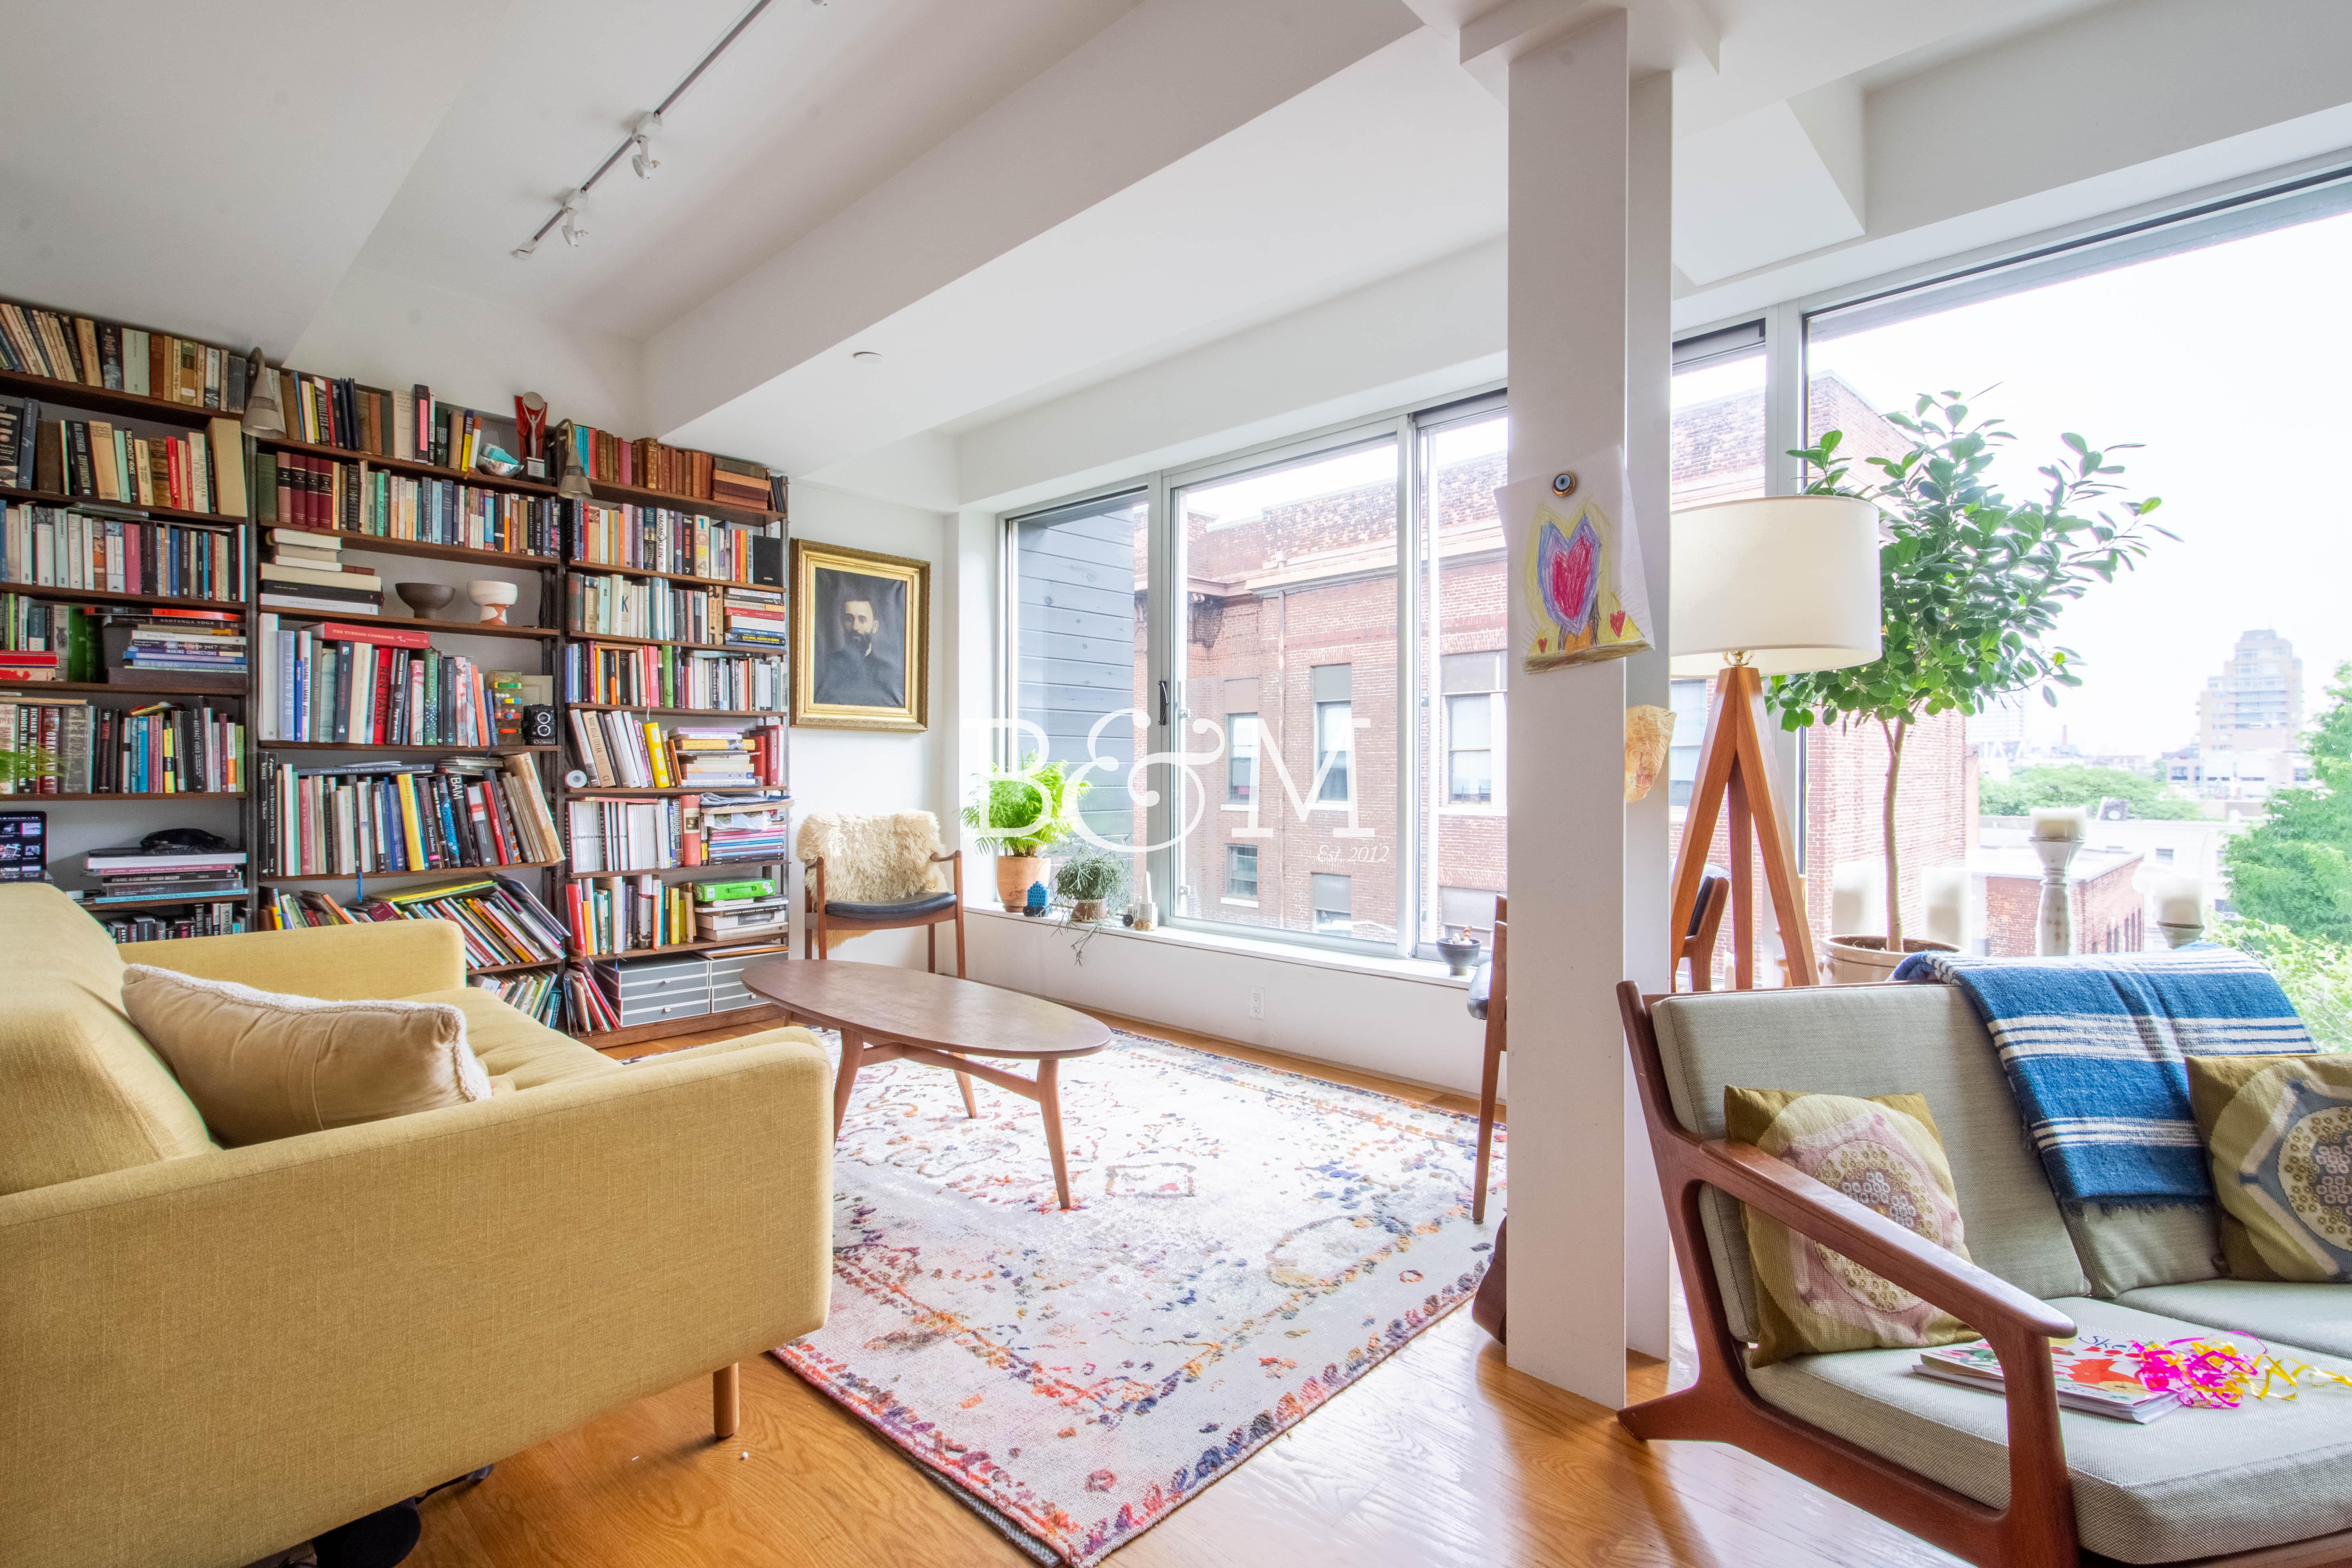 142 North 1st Street Williamsburg Brooklyn NY 11211